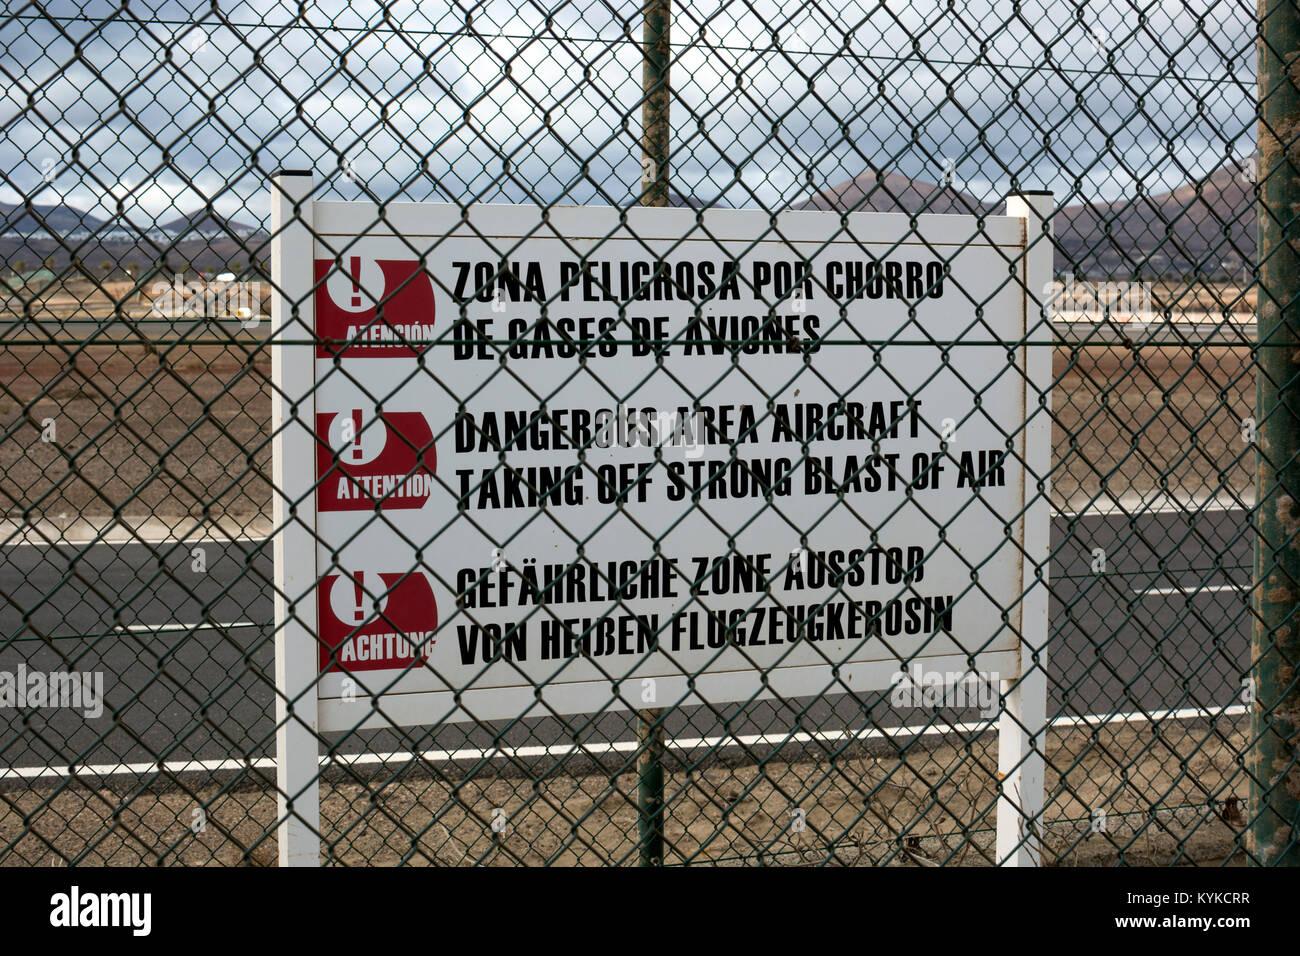 Warnschild am Flughafen Arrecife, Lanzarote, Kanarische Inseln, Spanien. Stockbild